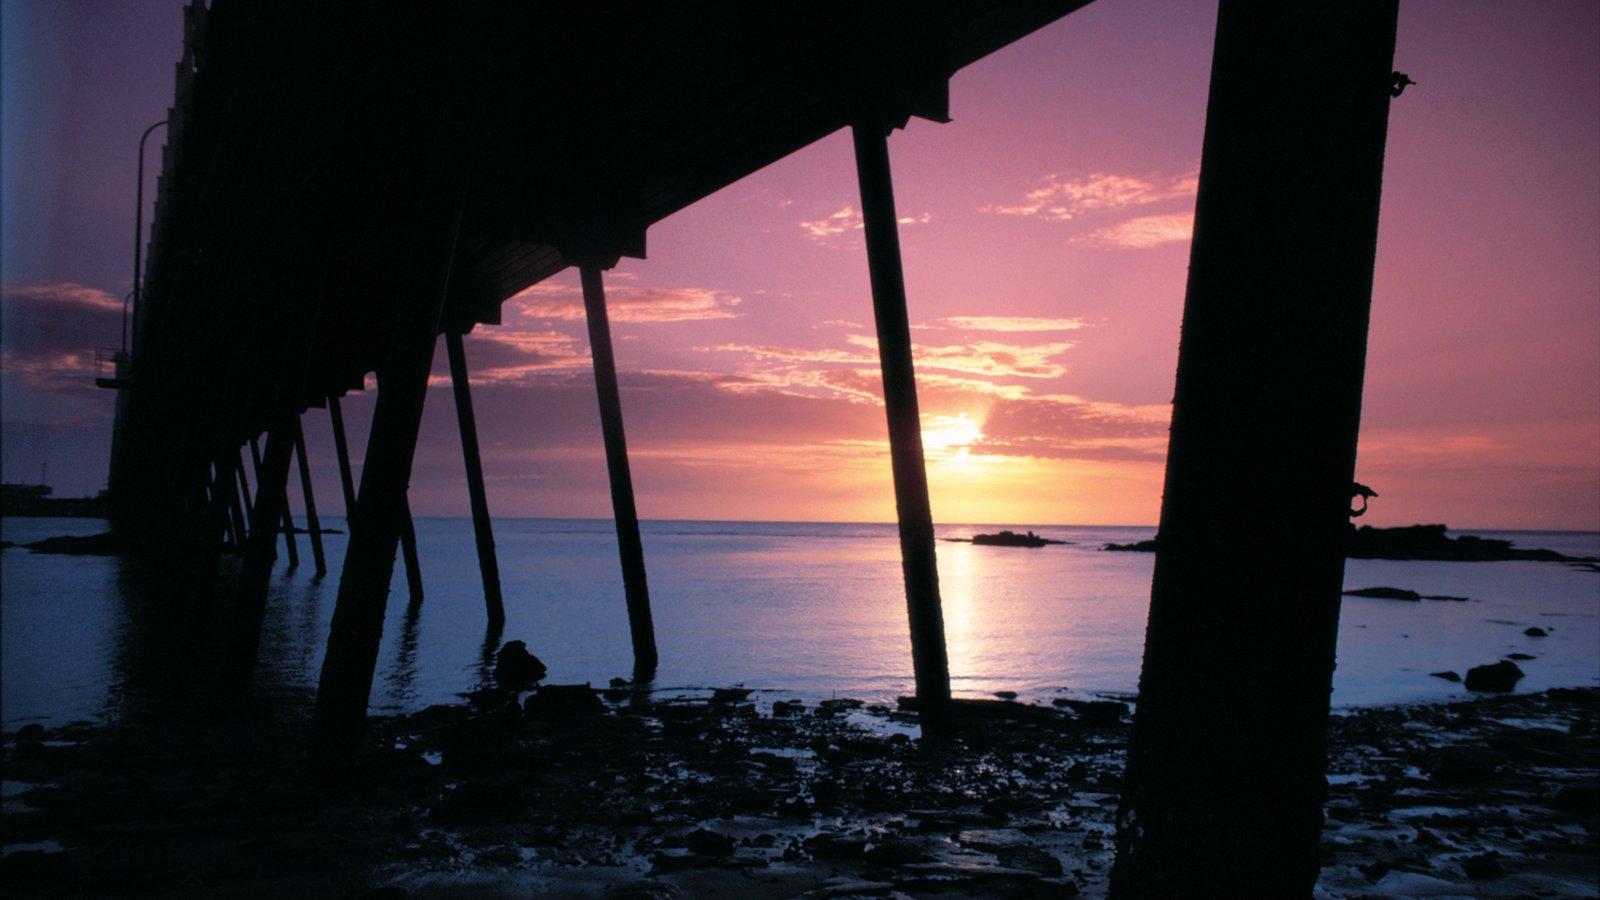 Broome que incluye vistas generales de la costa, una puesta de sol y vistas